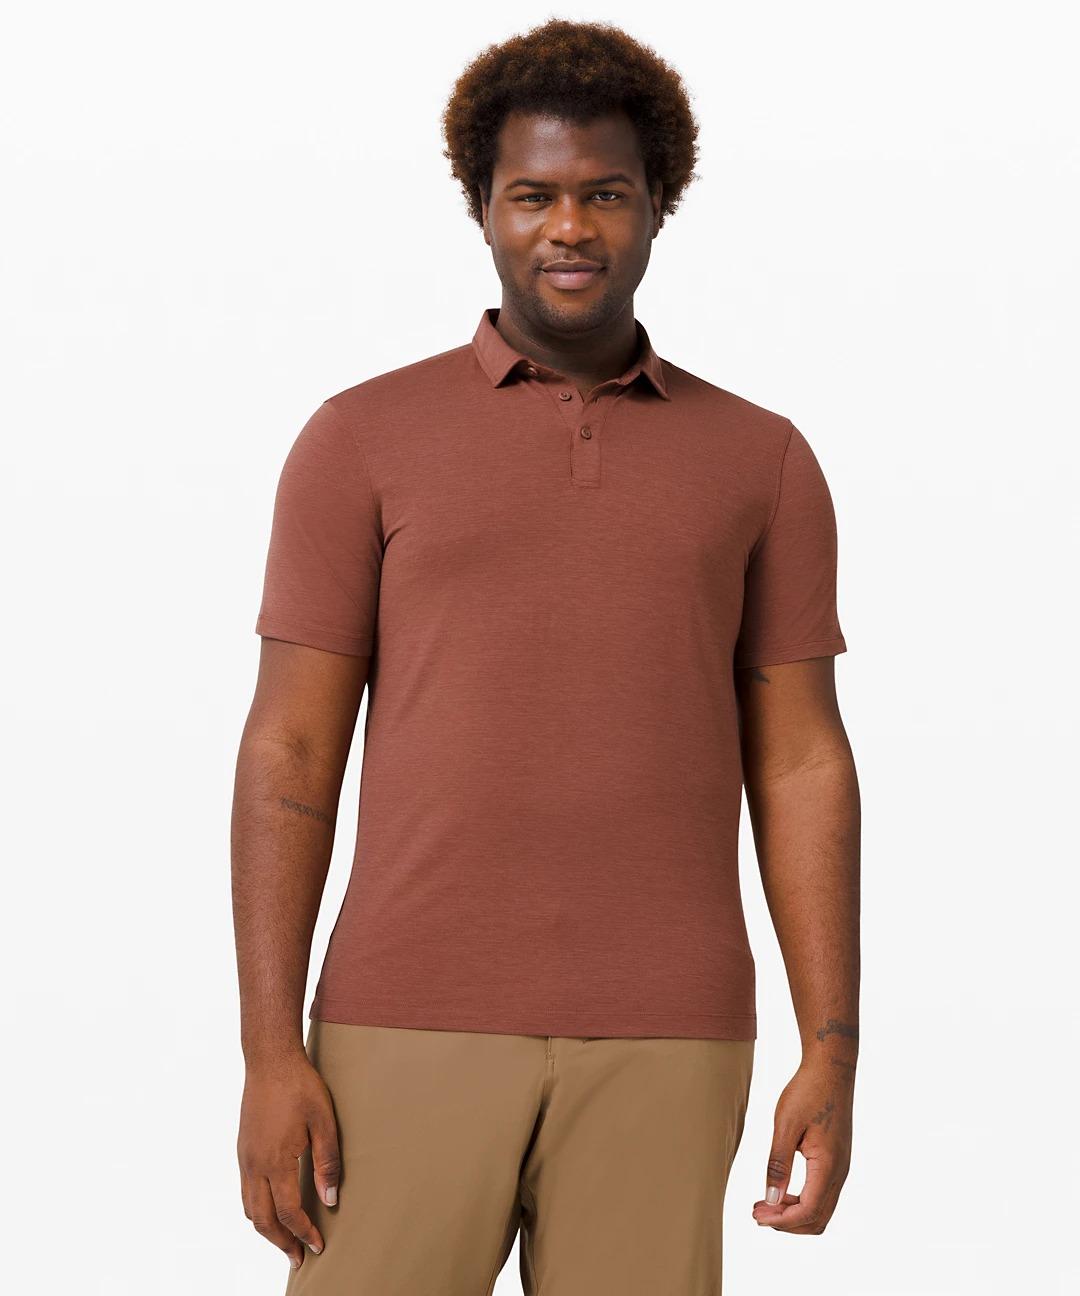 Lululemon black friday sale 2020- Evolution Polo polo shirt for men